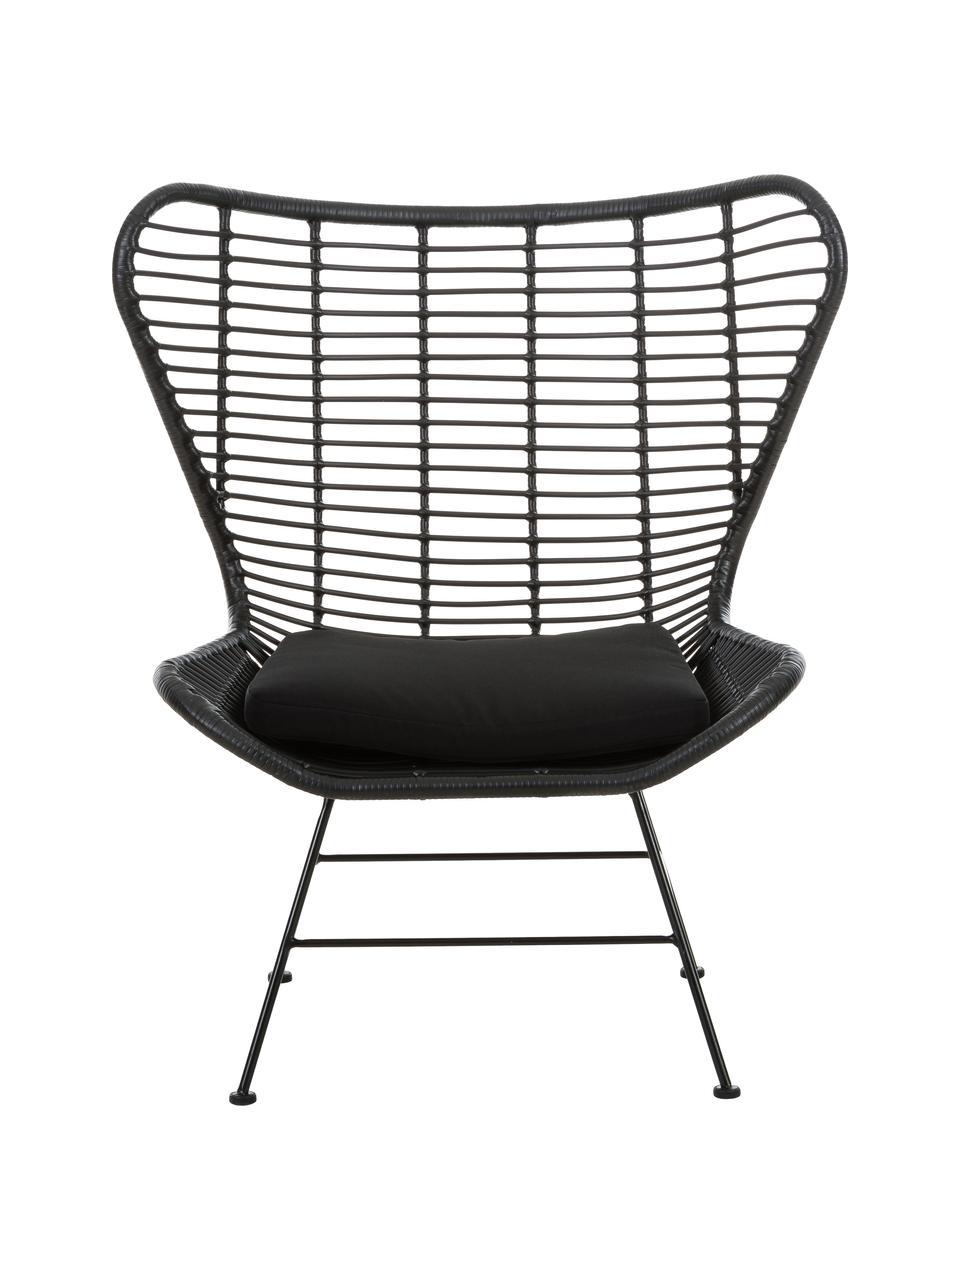 Polyrotan fauteuil Costa in zwart, Zitvlak: polyethyleen-vlechtwerk, Frame: gepoedercoat metaal, Zwart, B 90 x D 89 cm